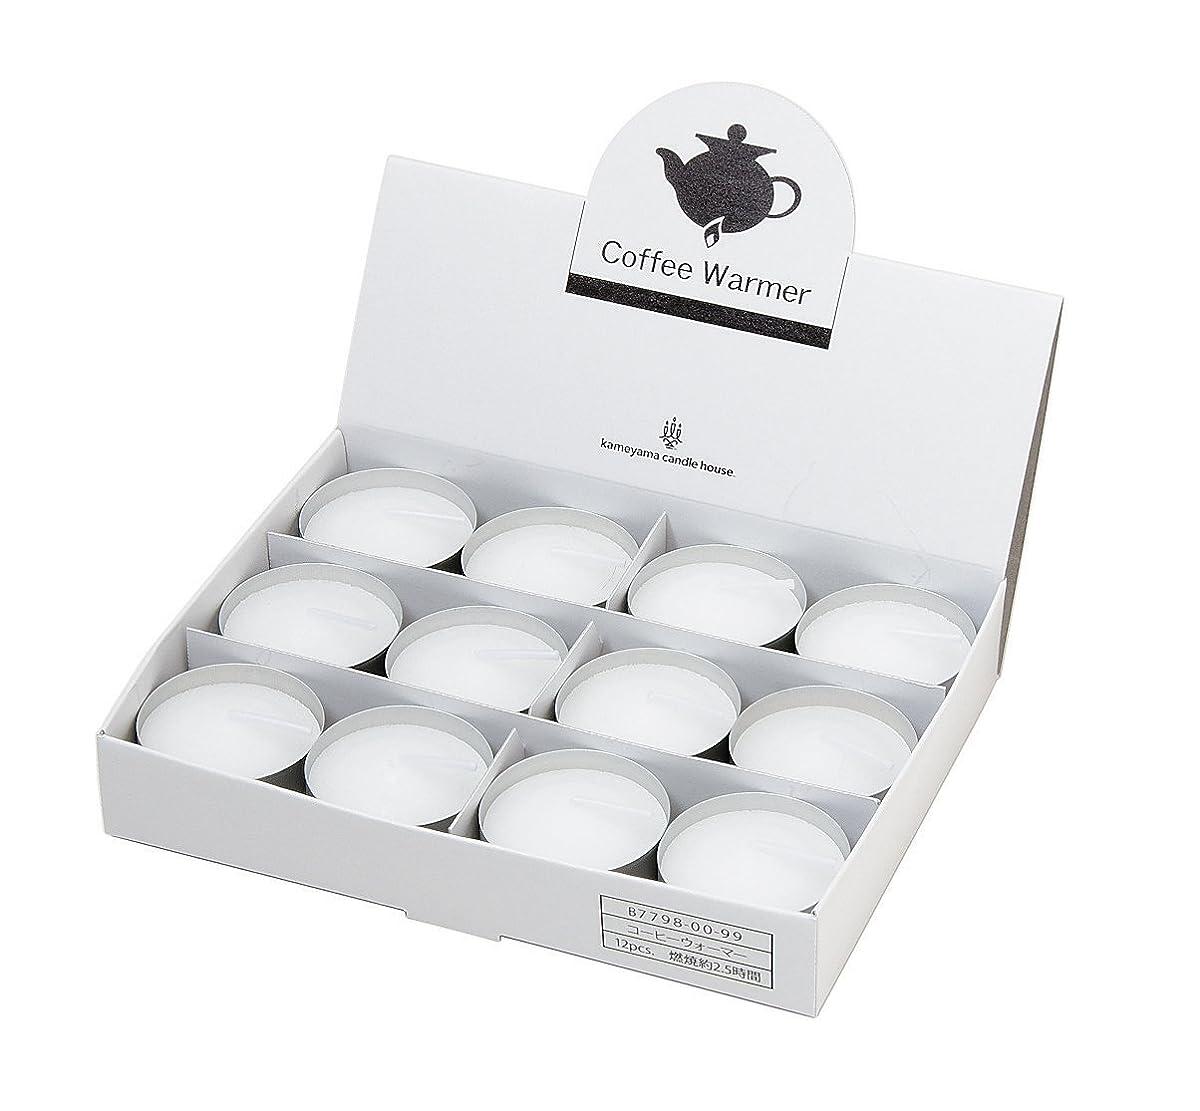 アカウント個性能力カメヤマキャンドルハウス チョコレートフォンデュなどにもおすすめ 大きめ炎で保温できる コーヒーウォーマーキャンドル(1箱12個入) 燃焼時間約2時間30分